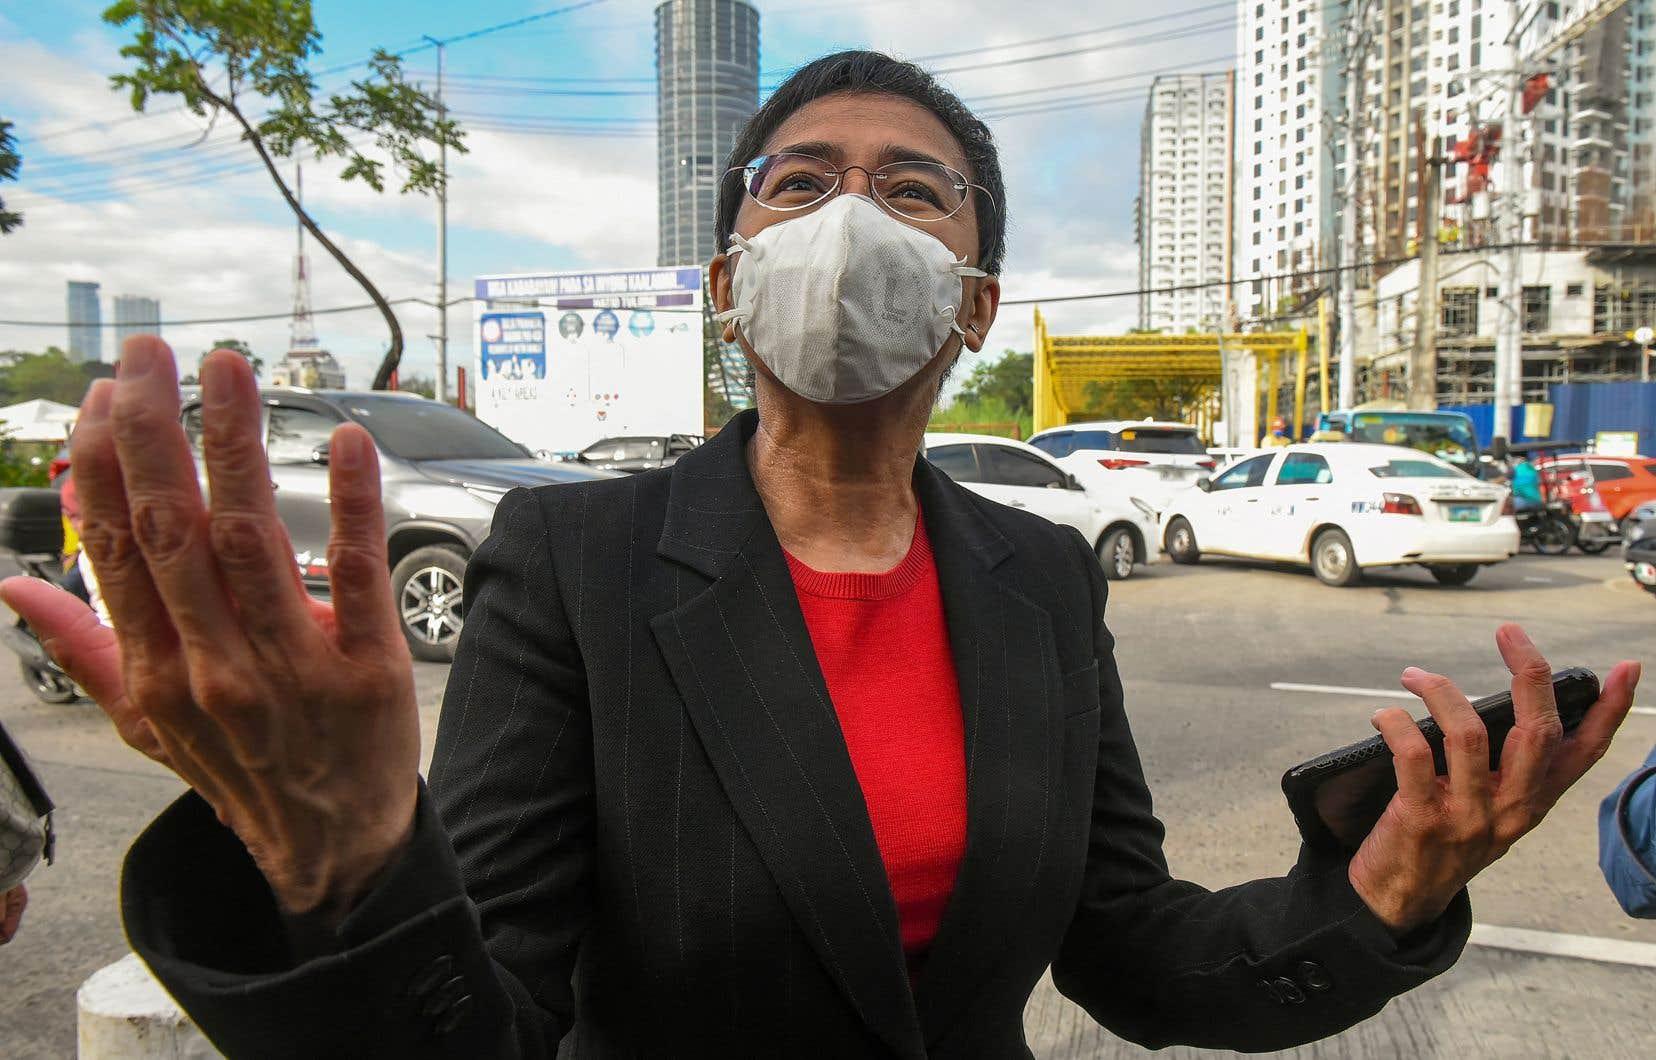 La journaliste américano-philippine Maria Ressa, la lauréate 2021 du Prix mondial de la liberté de la presse UNESCO-Guillermo Cano